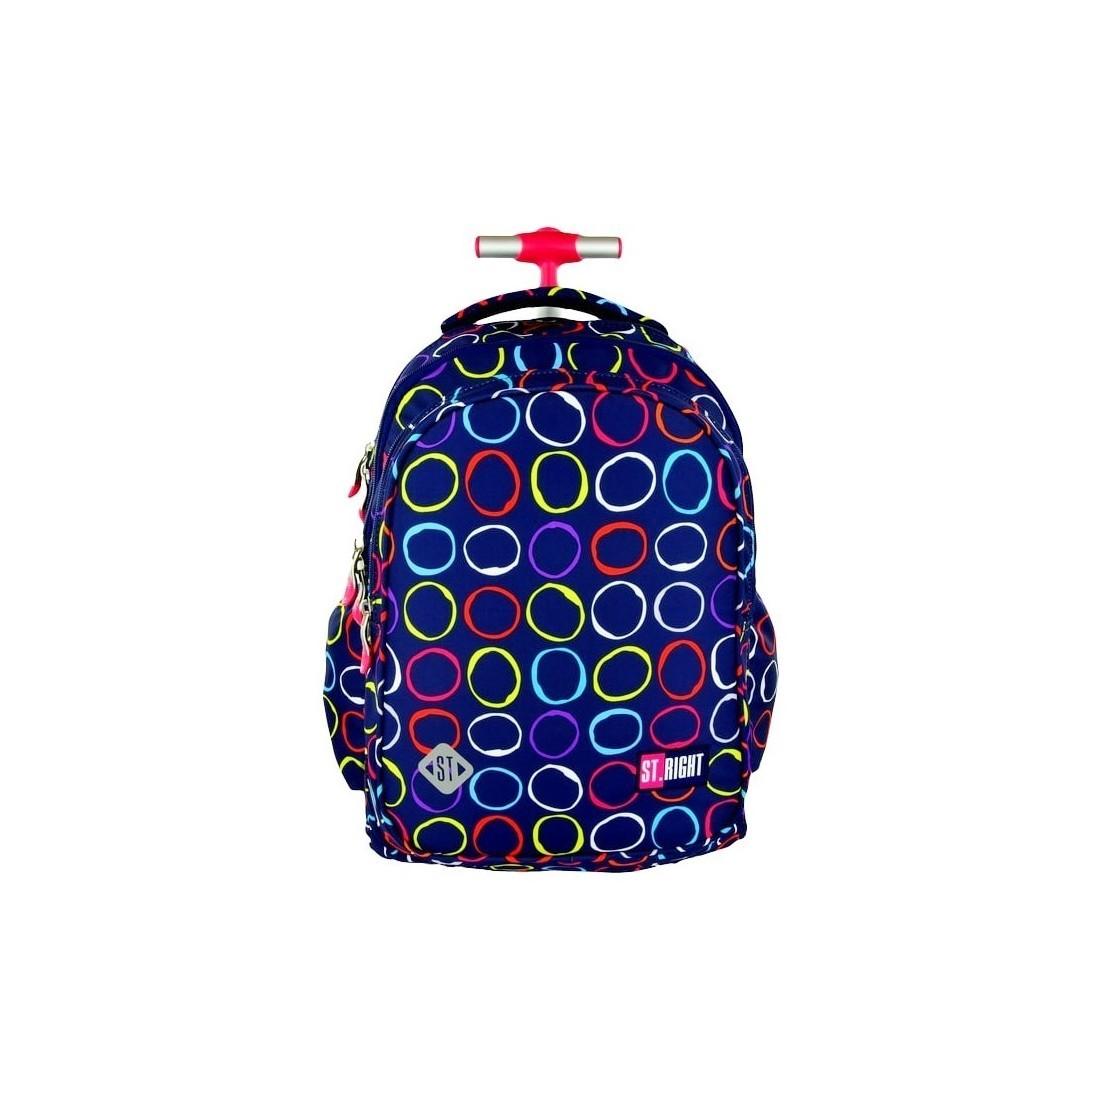 Plecak na kółkach ST.RIGHT HOOPS kolorowe kółka